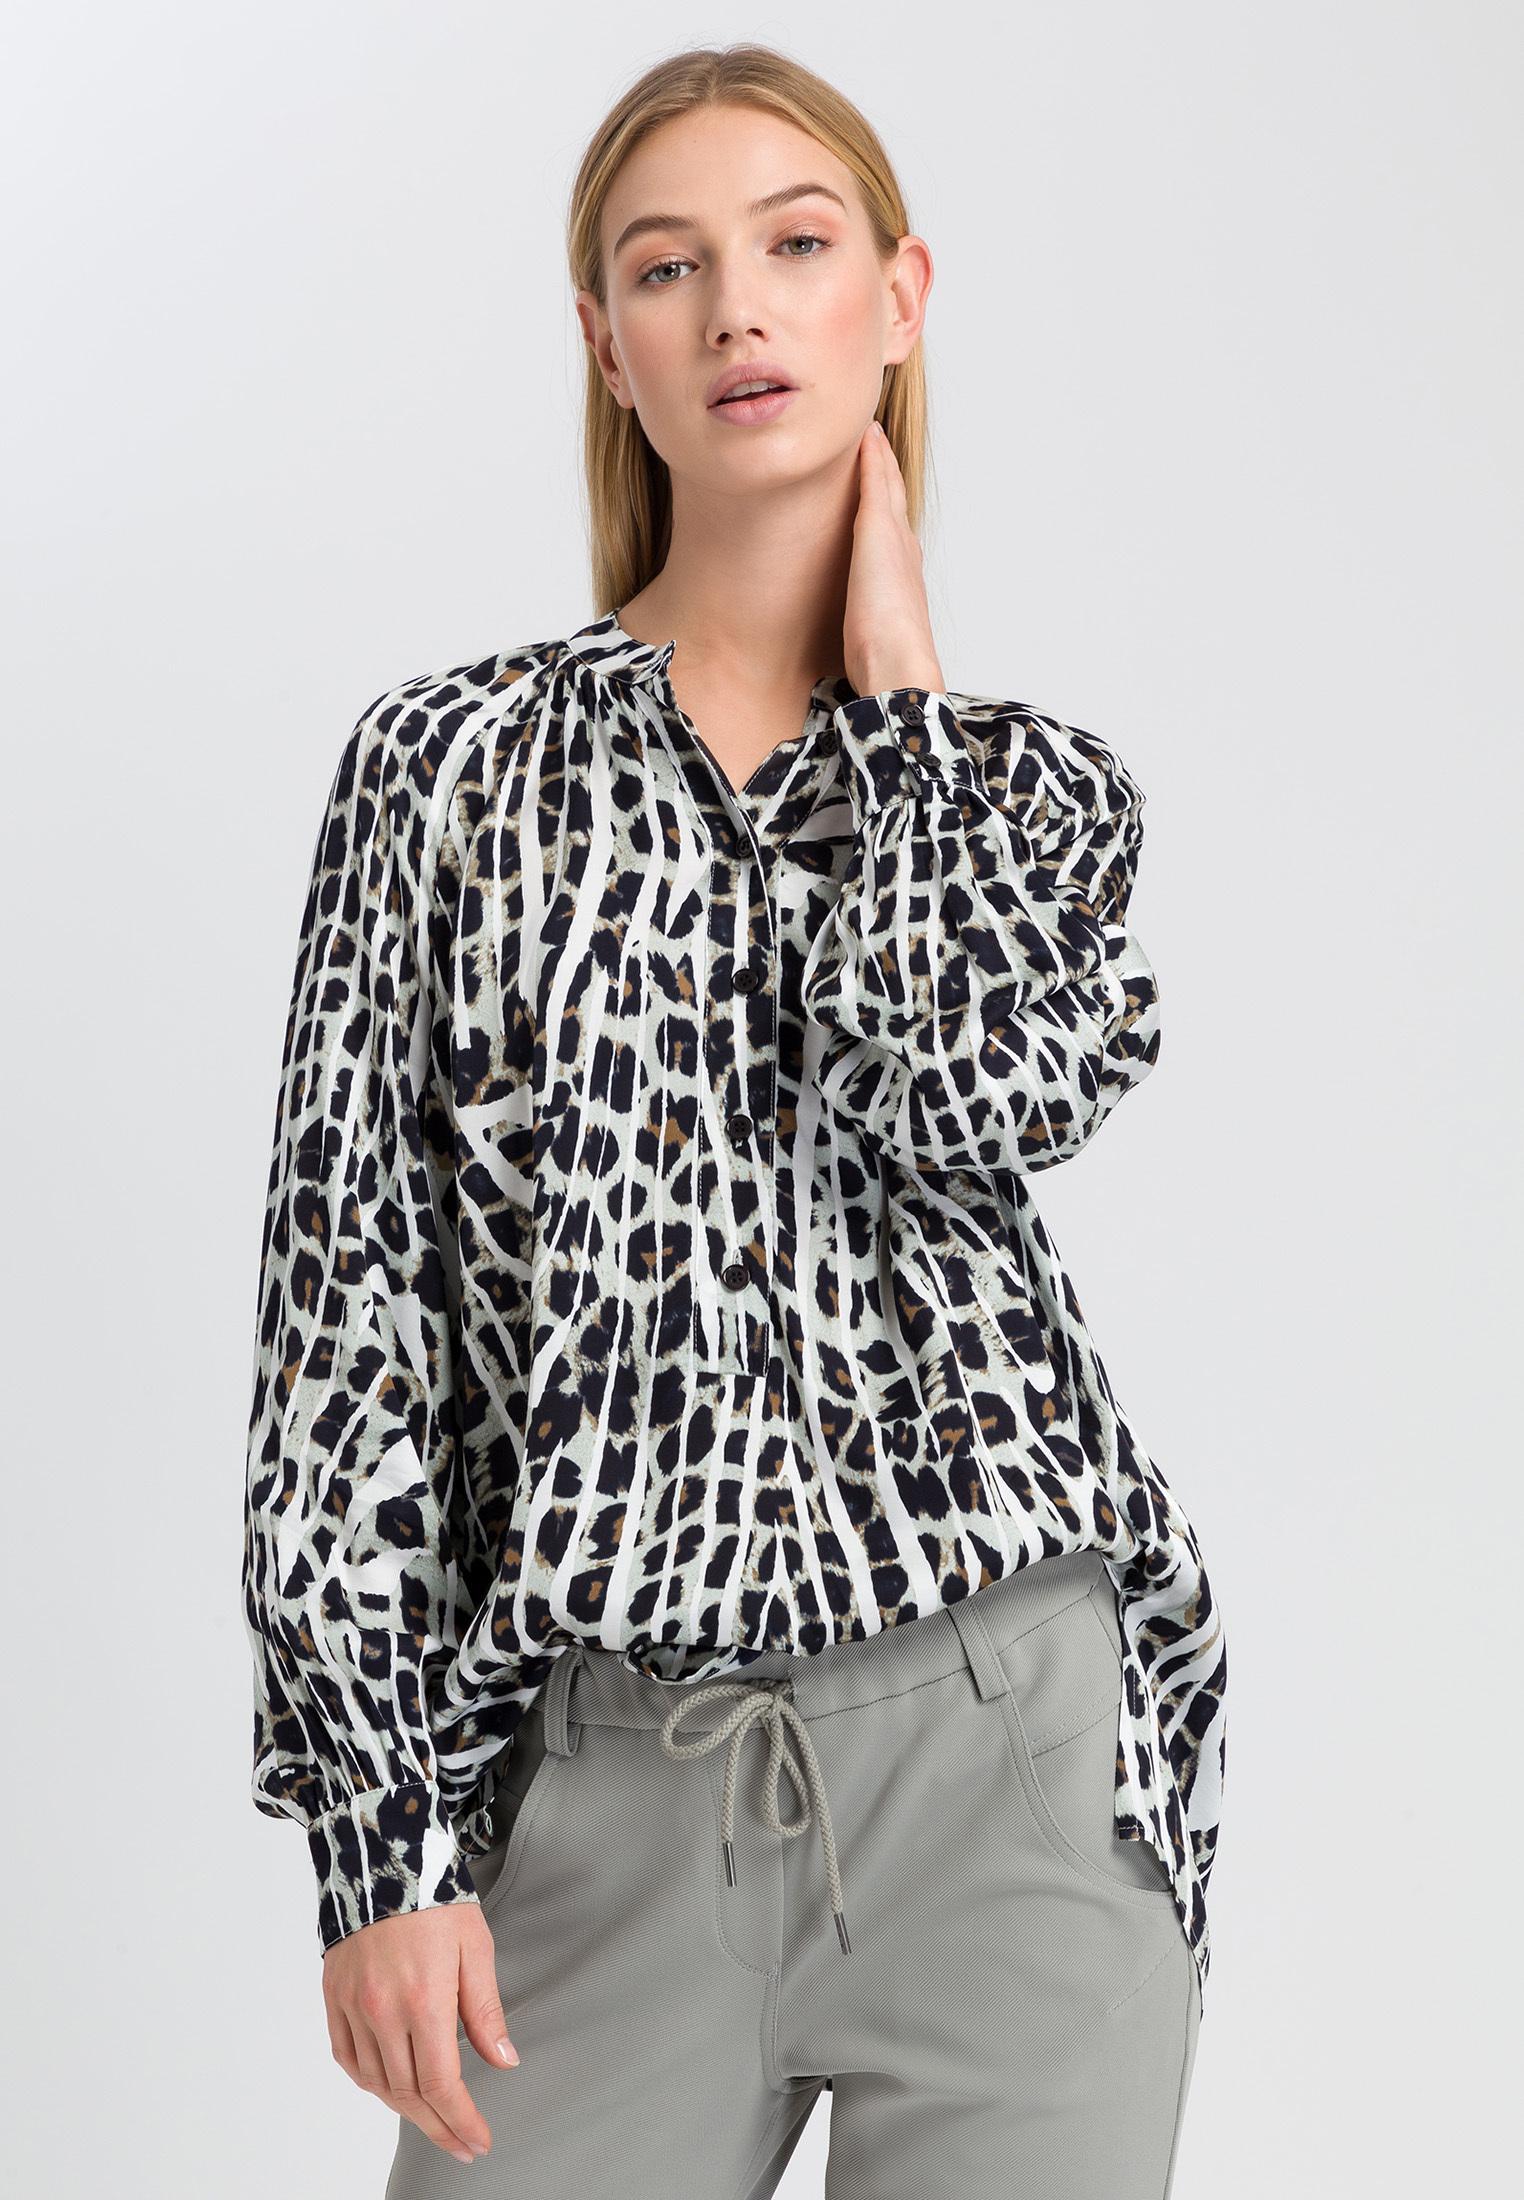 Artikel klicken und genauer betrachten! - Mode-Serengeti: Von kultigen Leopardenflecken zu kontrastreichen Zebrastreifen – der Printmix auf der Oberfläche der Viskosebluse zeigt sich eindeutig von der Tierwelt inspiriert und der Wildheit der Natur geprägt. Mit dynamischem Esprit wird das wertige Key-Modell dank des schnittigen Stehkragens und der Raglanärmel bereichert. Ein Blazer, Satinhose sowie Pumps stylen die Printbluse ruckzuck officetauglich. | im Online Shop kaufen